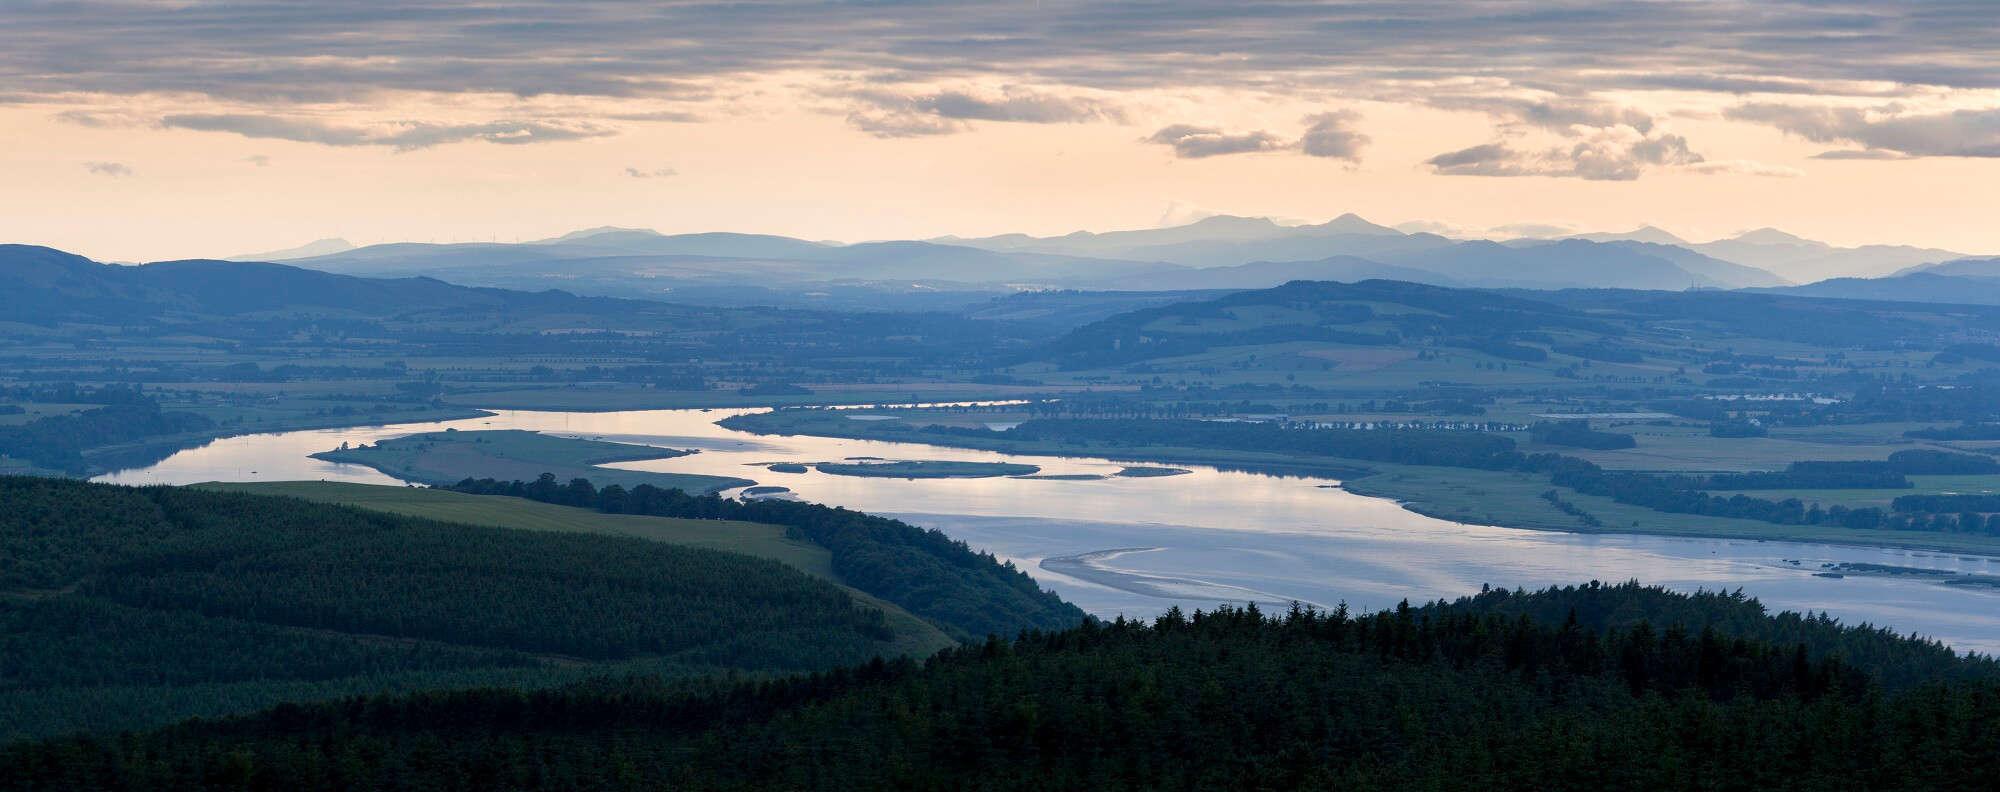 Tay Estuary, The Fife Coastal Path